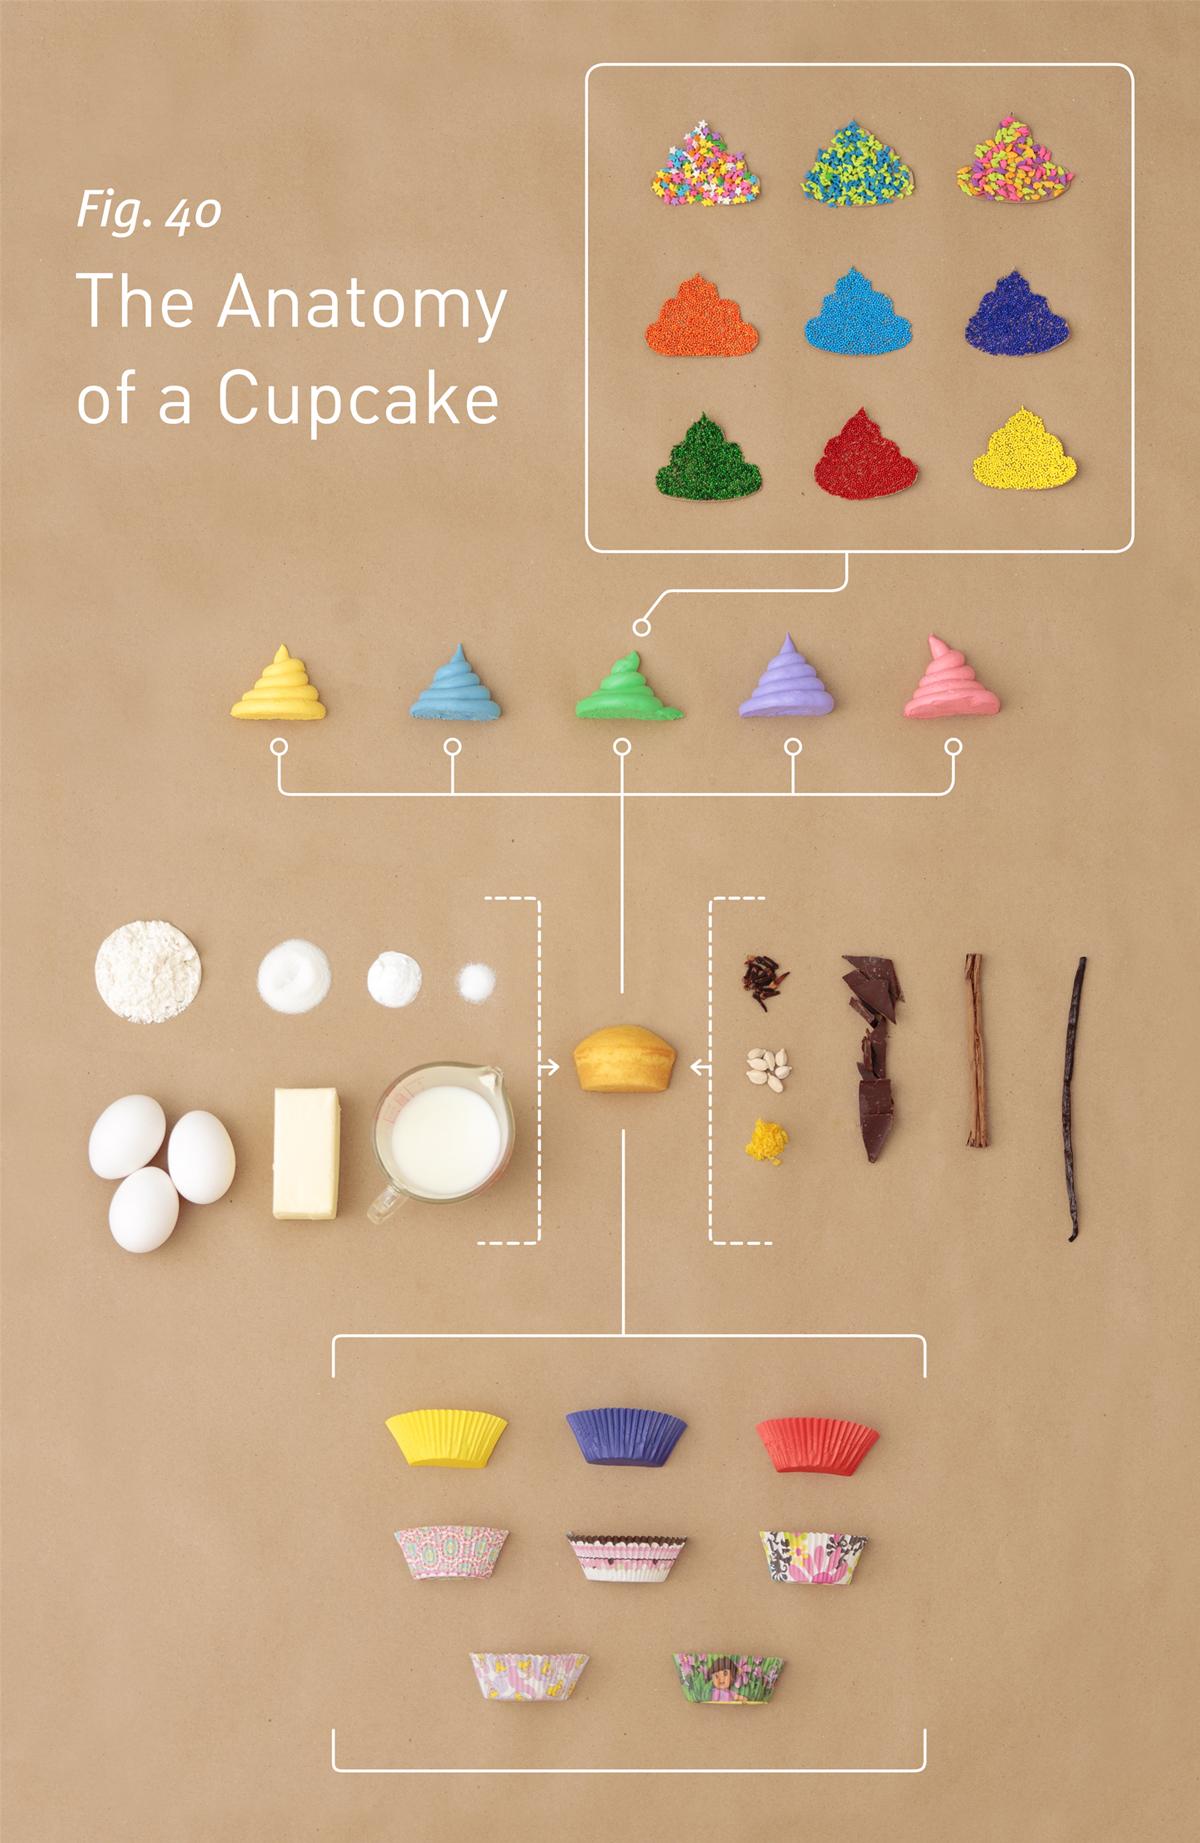 10 + -Ejemplos-de-diseño-minimalista-para-inspirar-sus-propias-creaciones-ejemplos-de-infografía-minimalista-anatomía-de-un-cupcake